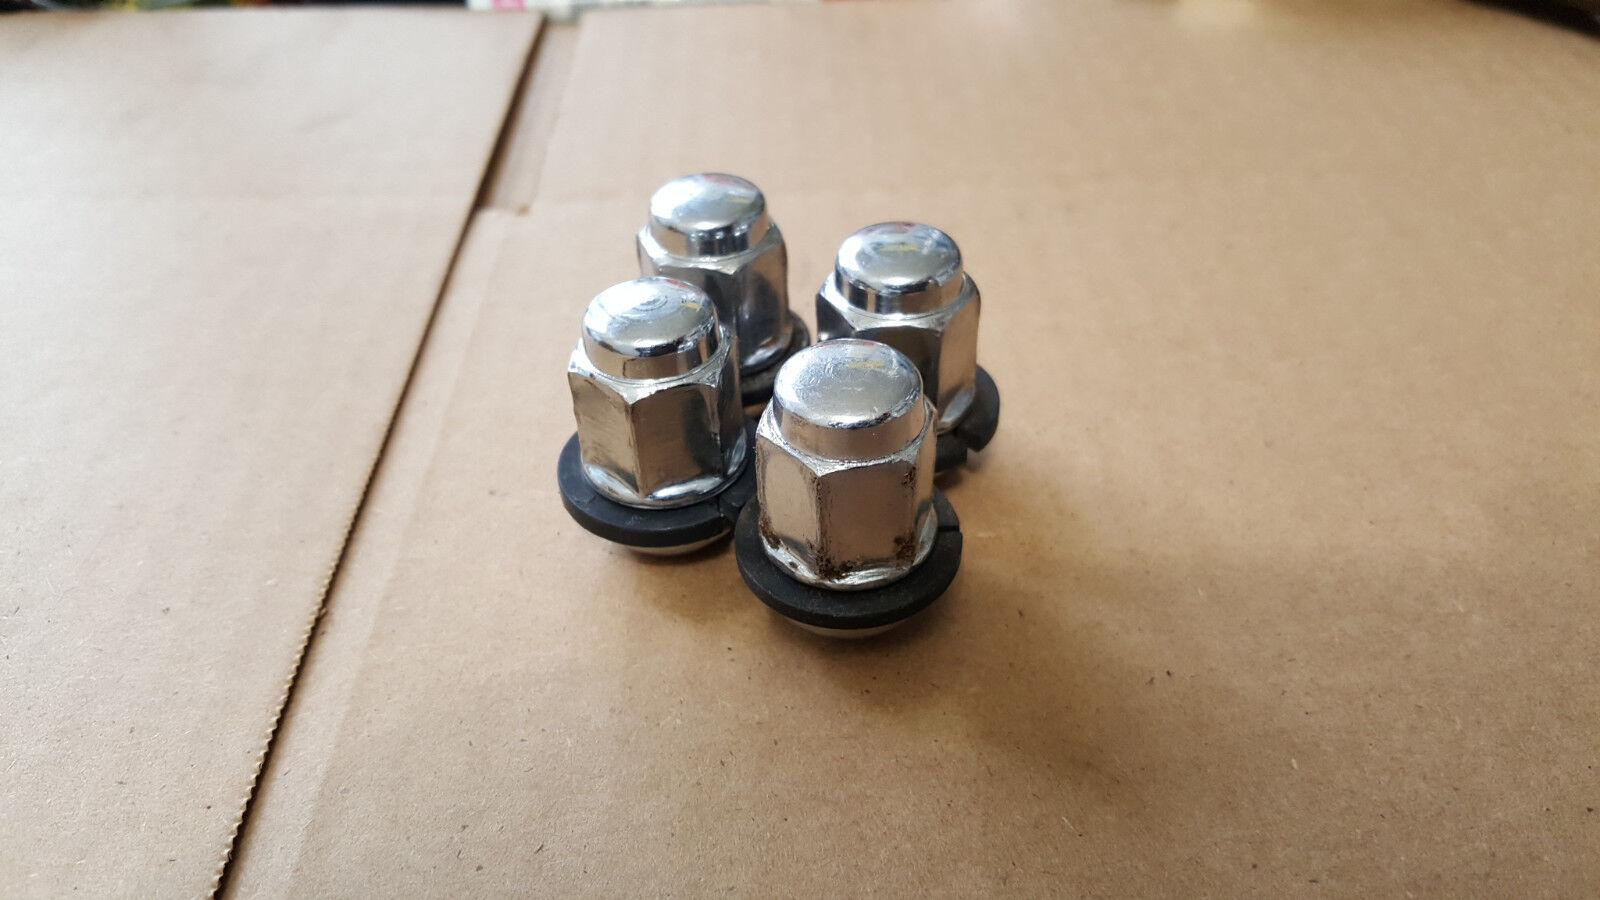 qty 2 nut oem chrome  oem 90381-sv1-981 c7 93-14 honda accord civic wheel lug